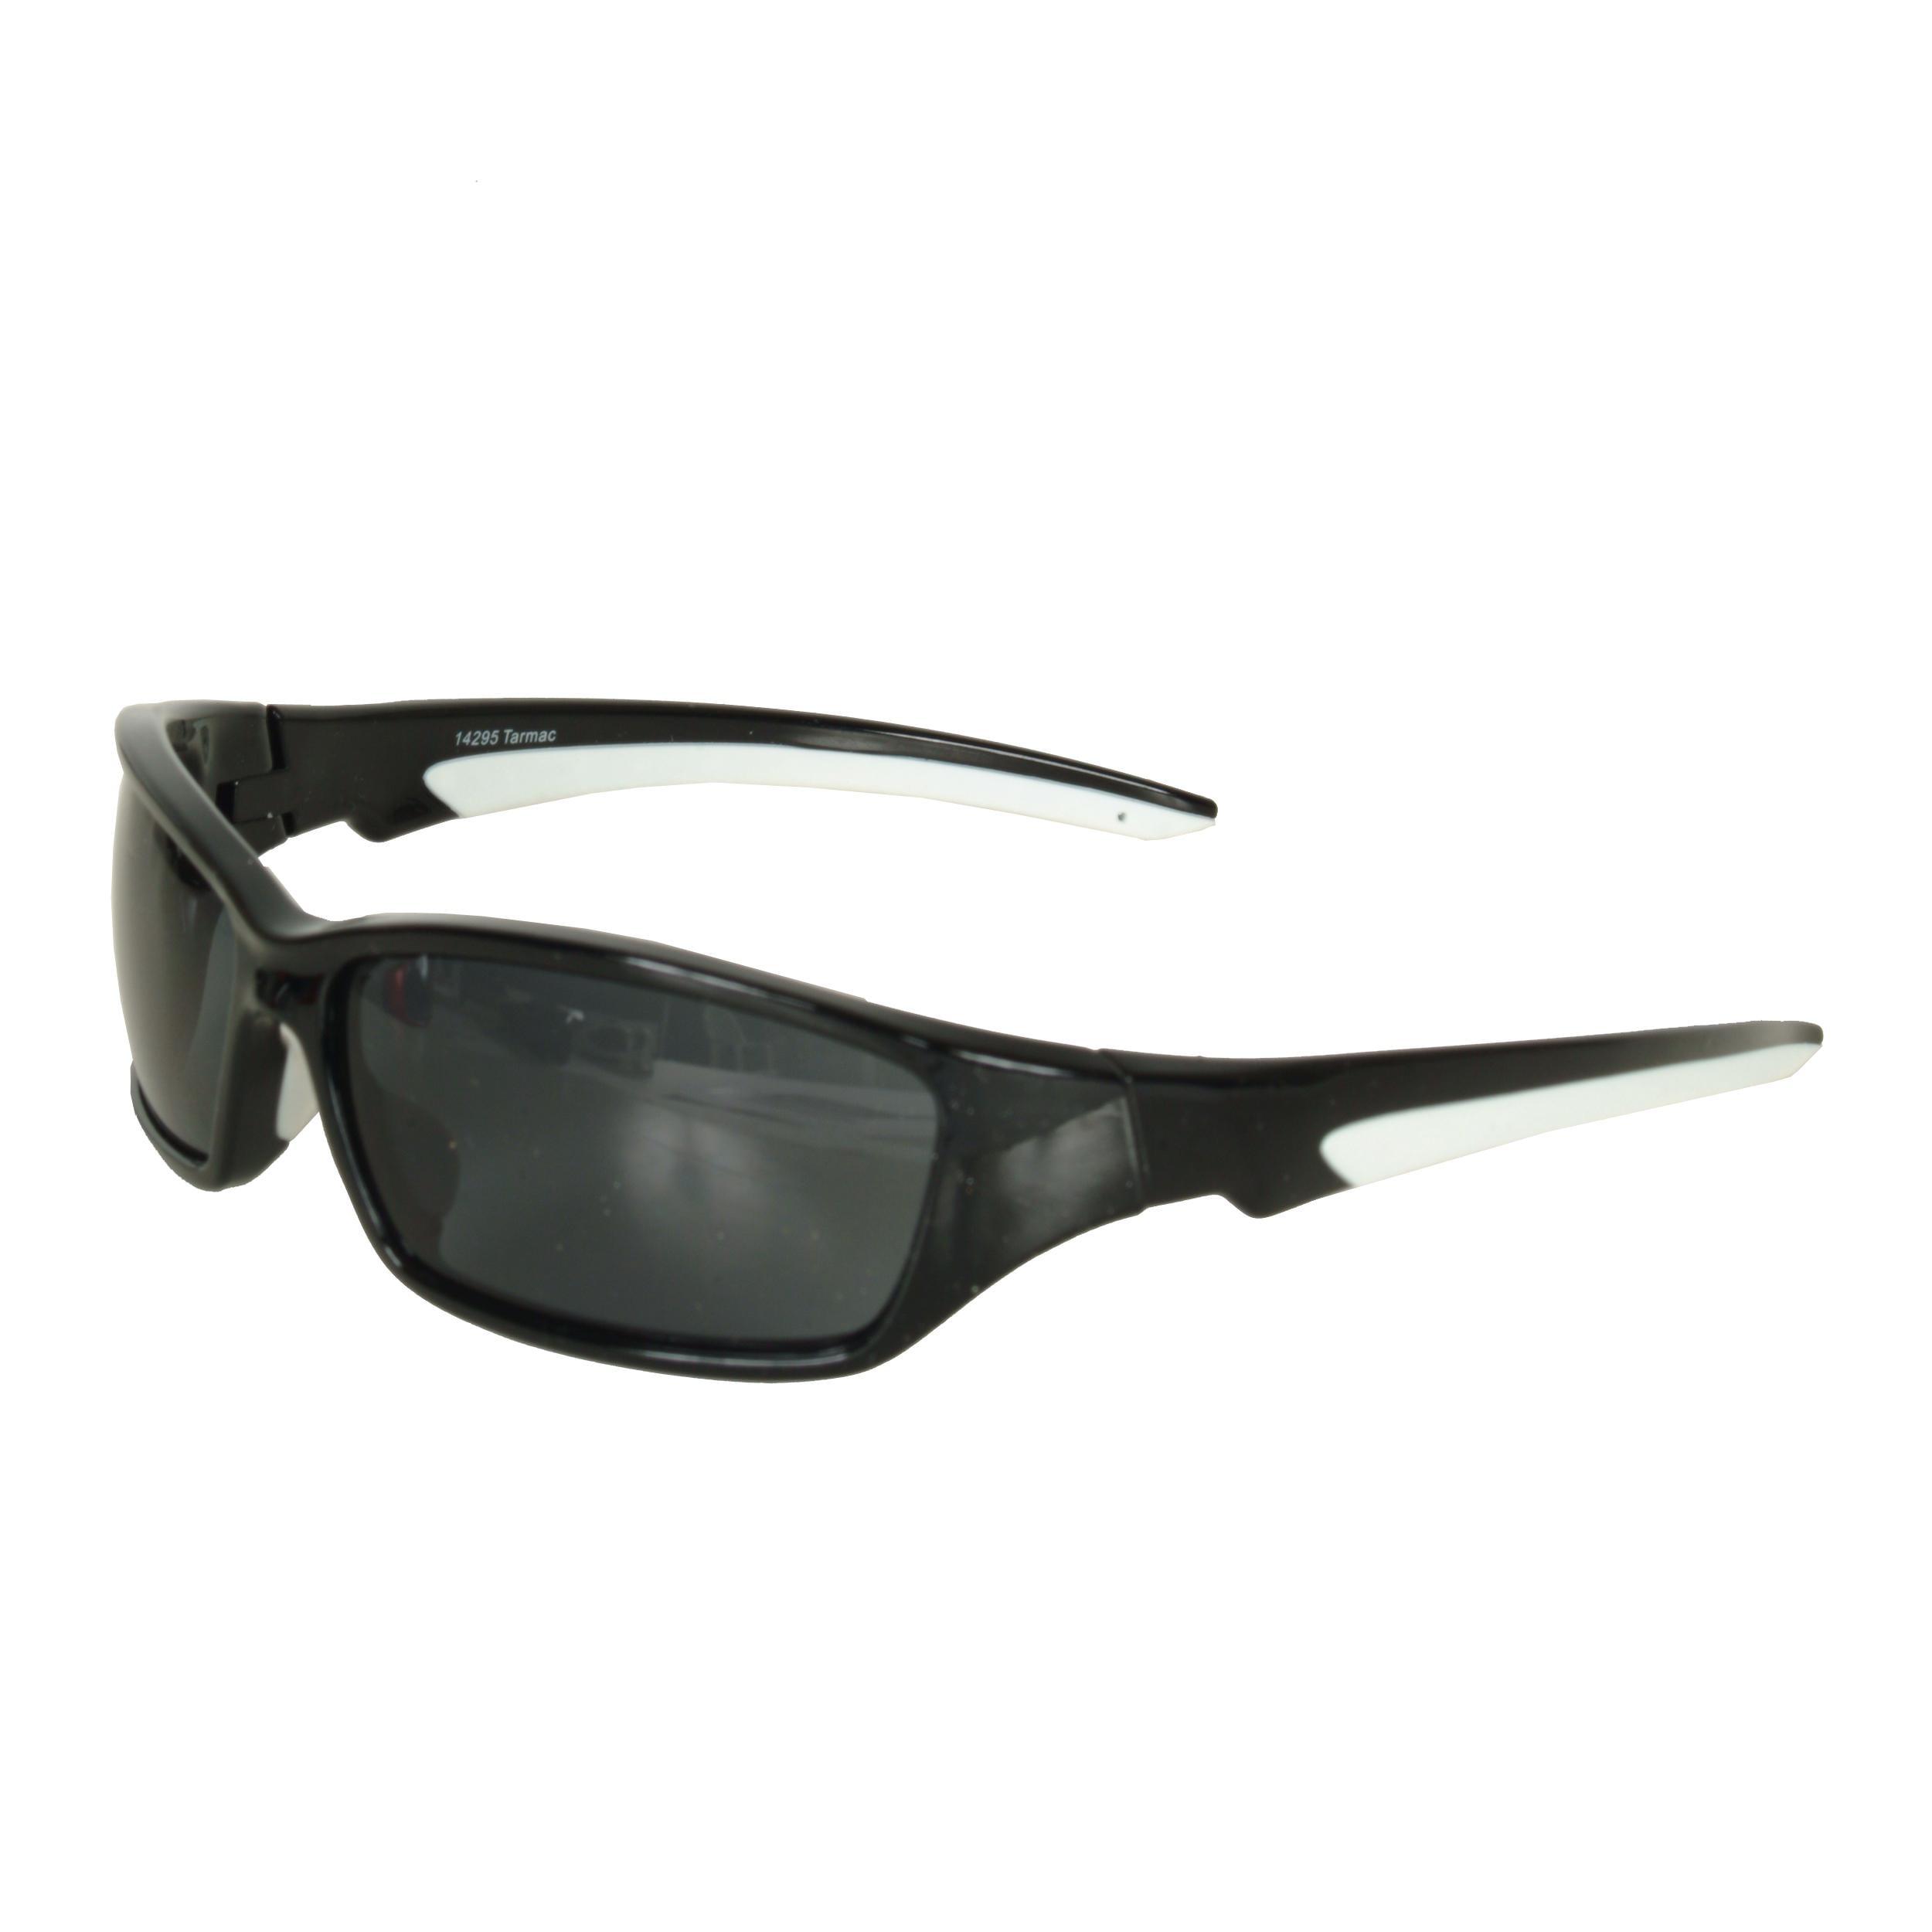 Tour de France Unisex 'Tarmac' Black Sport Sunglasses